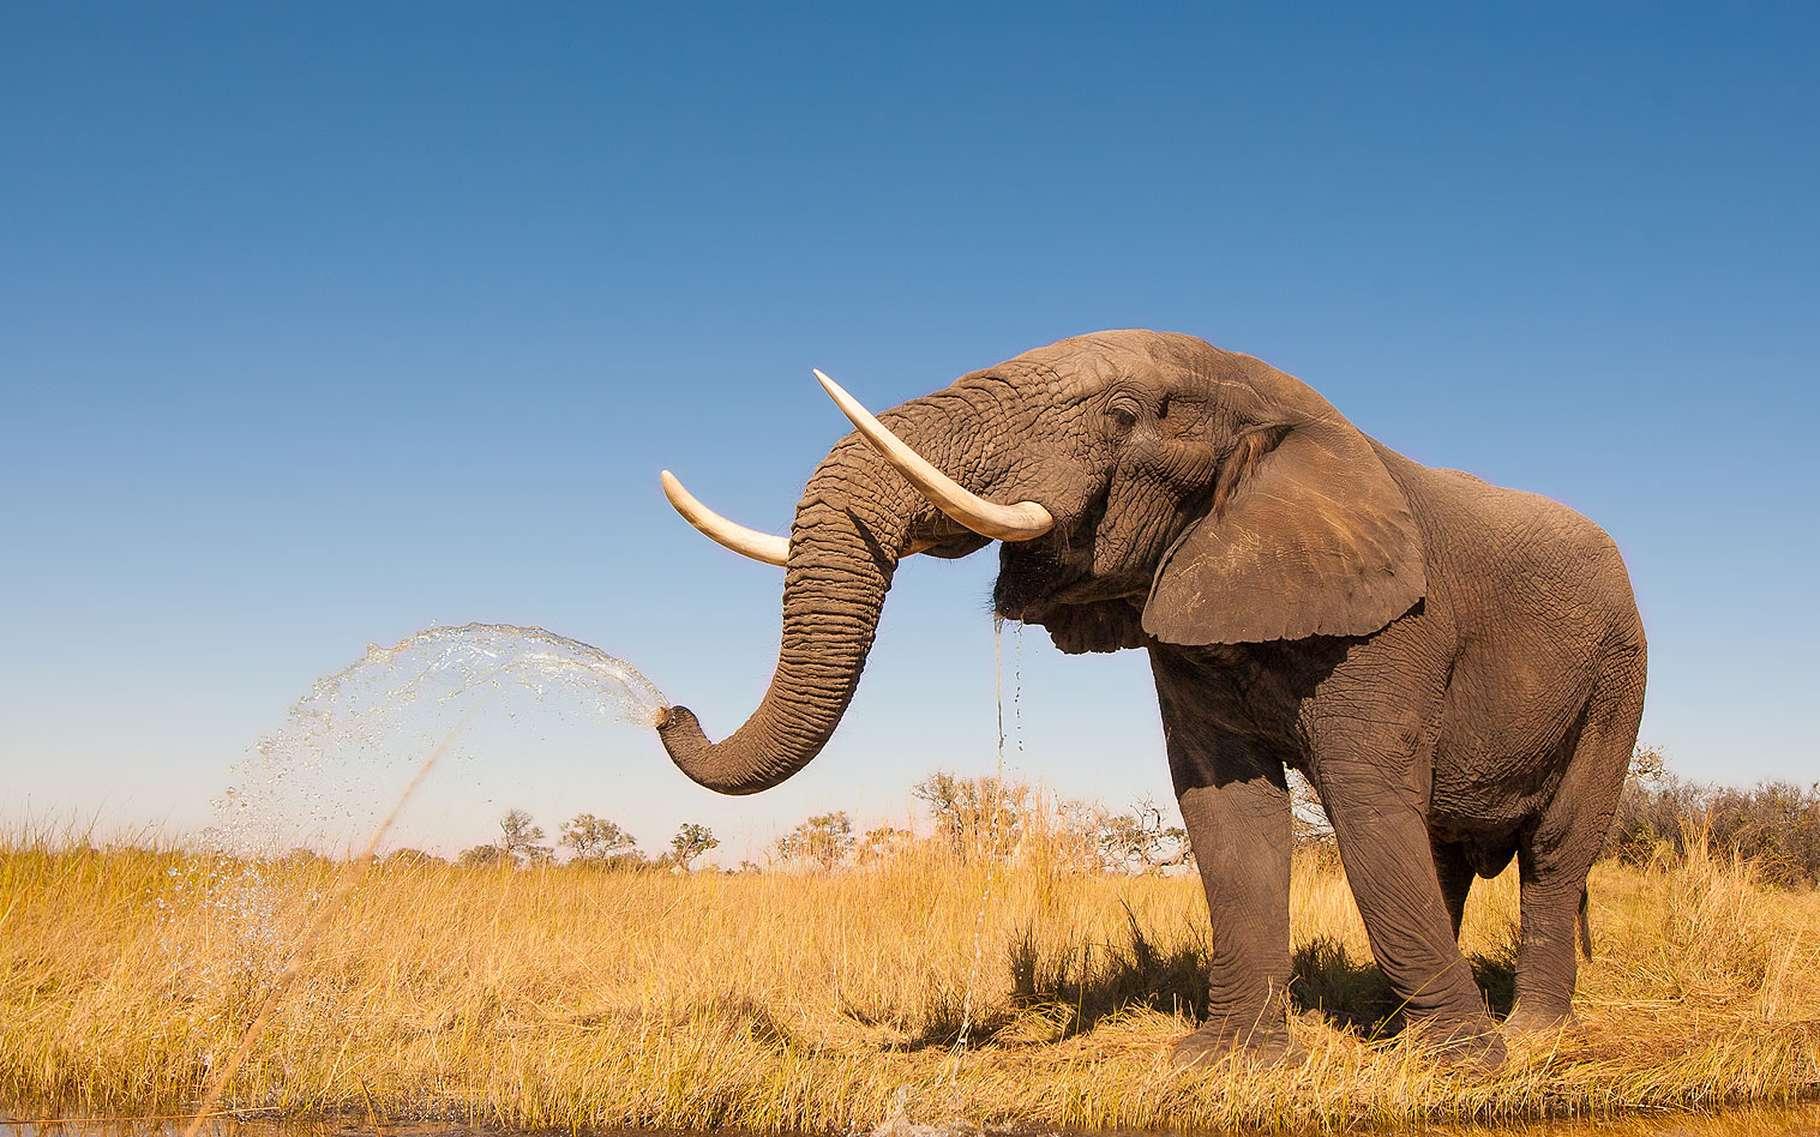 Trompe De L'éléphant : Un Éléphant, Ça Trompe Énormément dedans Barrissement Elephant